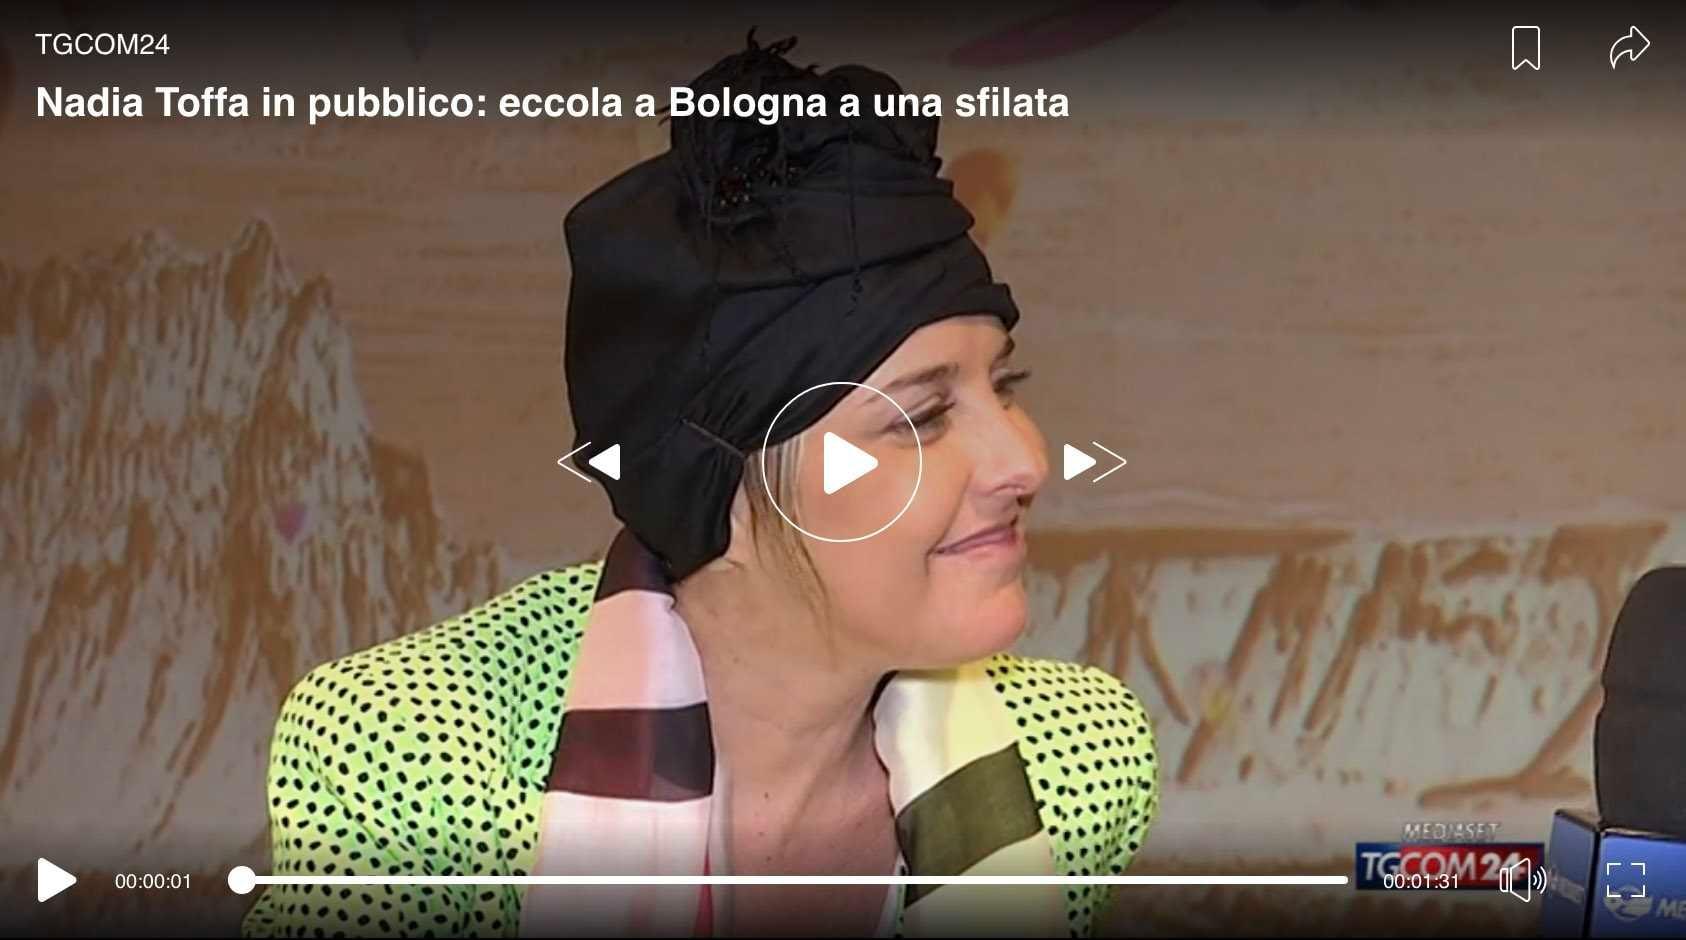 nadia toffa tgcom aggiorna condizioni bologna